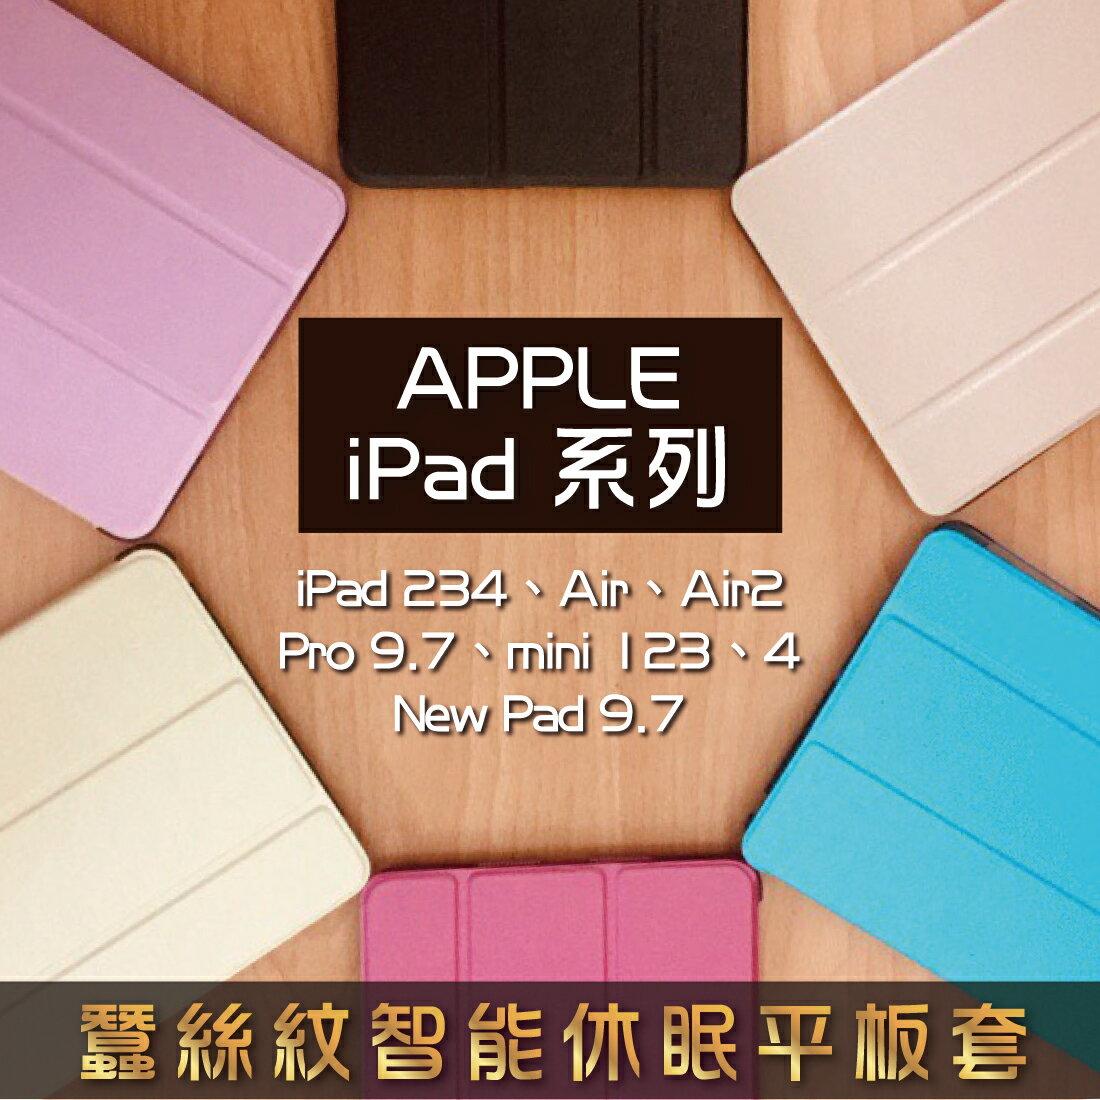 iPad mini 2/3/4 Air Pro 9.7 12.9 10.5 蠶絲紋 智能 休眠 平板 保護套 殼 下標總區 299免運 另有 專用鋼化玻璃